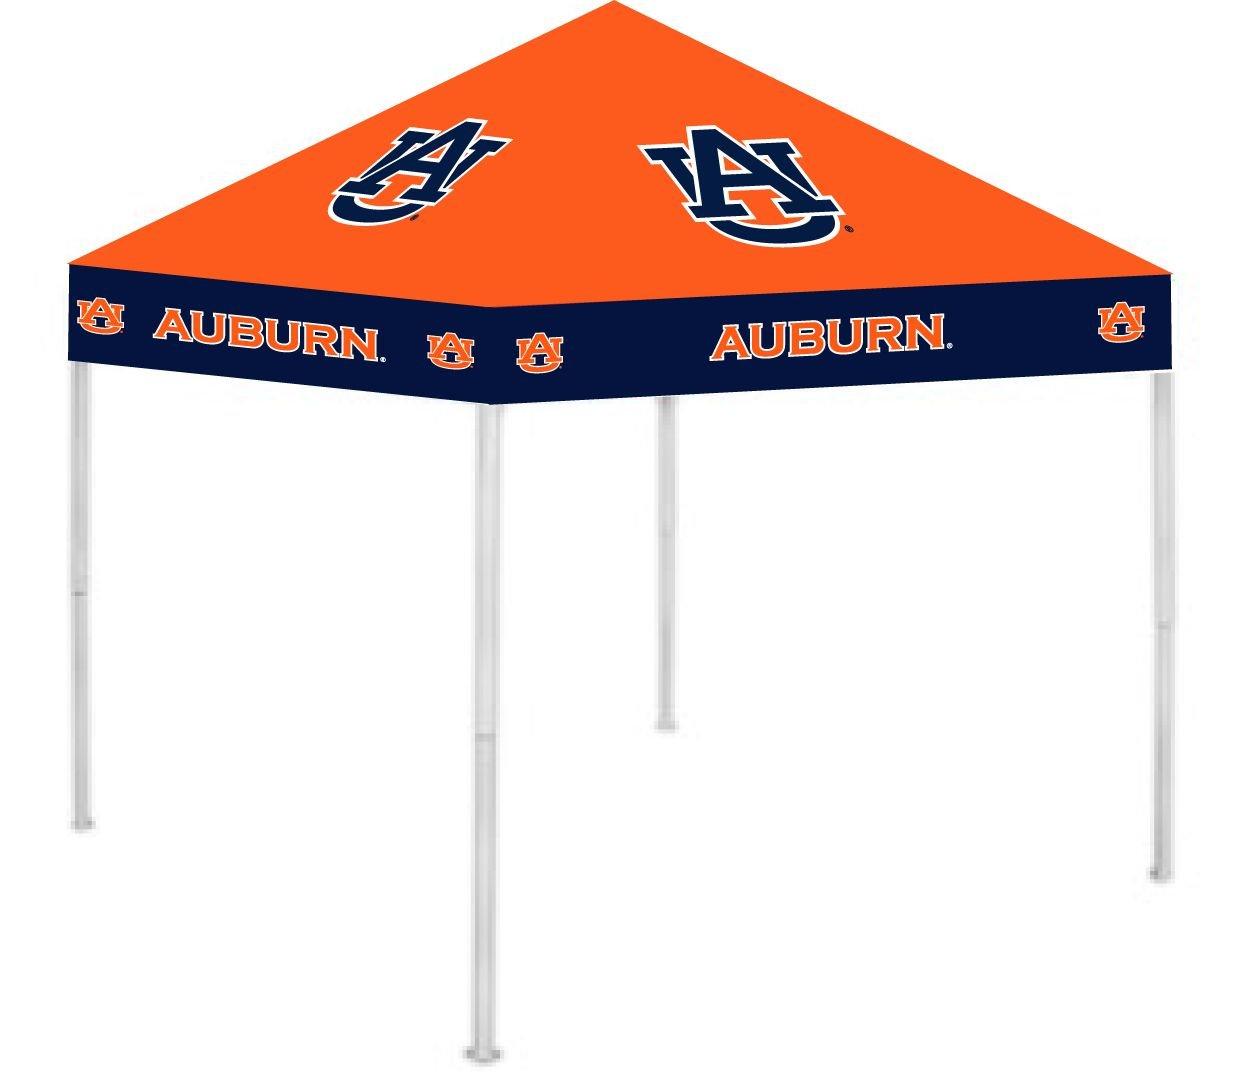 Amazon.com  Rivalry NCAA Auburn Tigers Canopy  Sports Fan Canopies  Sports u0026 Outdoors  sc 1 st  Amazon.com & Amazon.com : Rivalry NCAA Auburn Tigers Canopy : Sports Fan ...